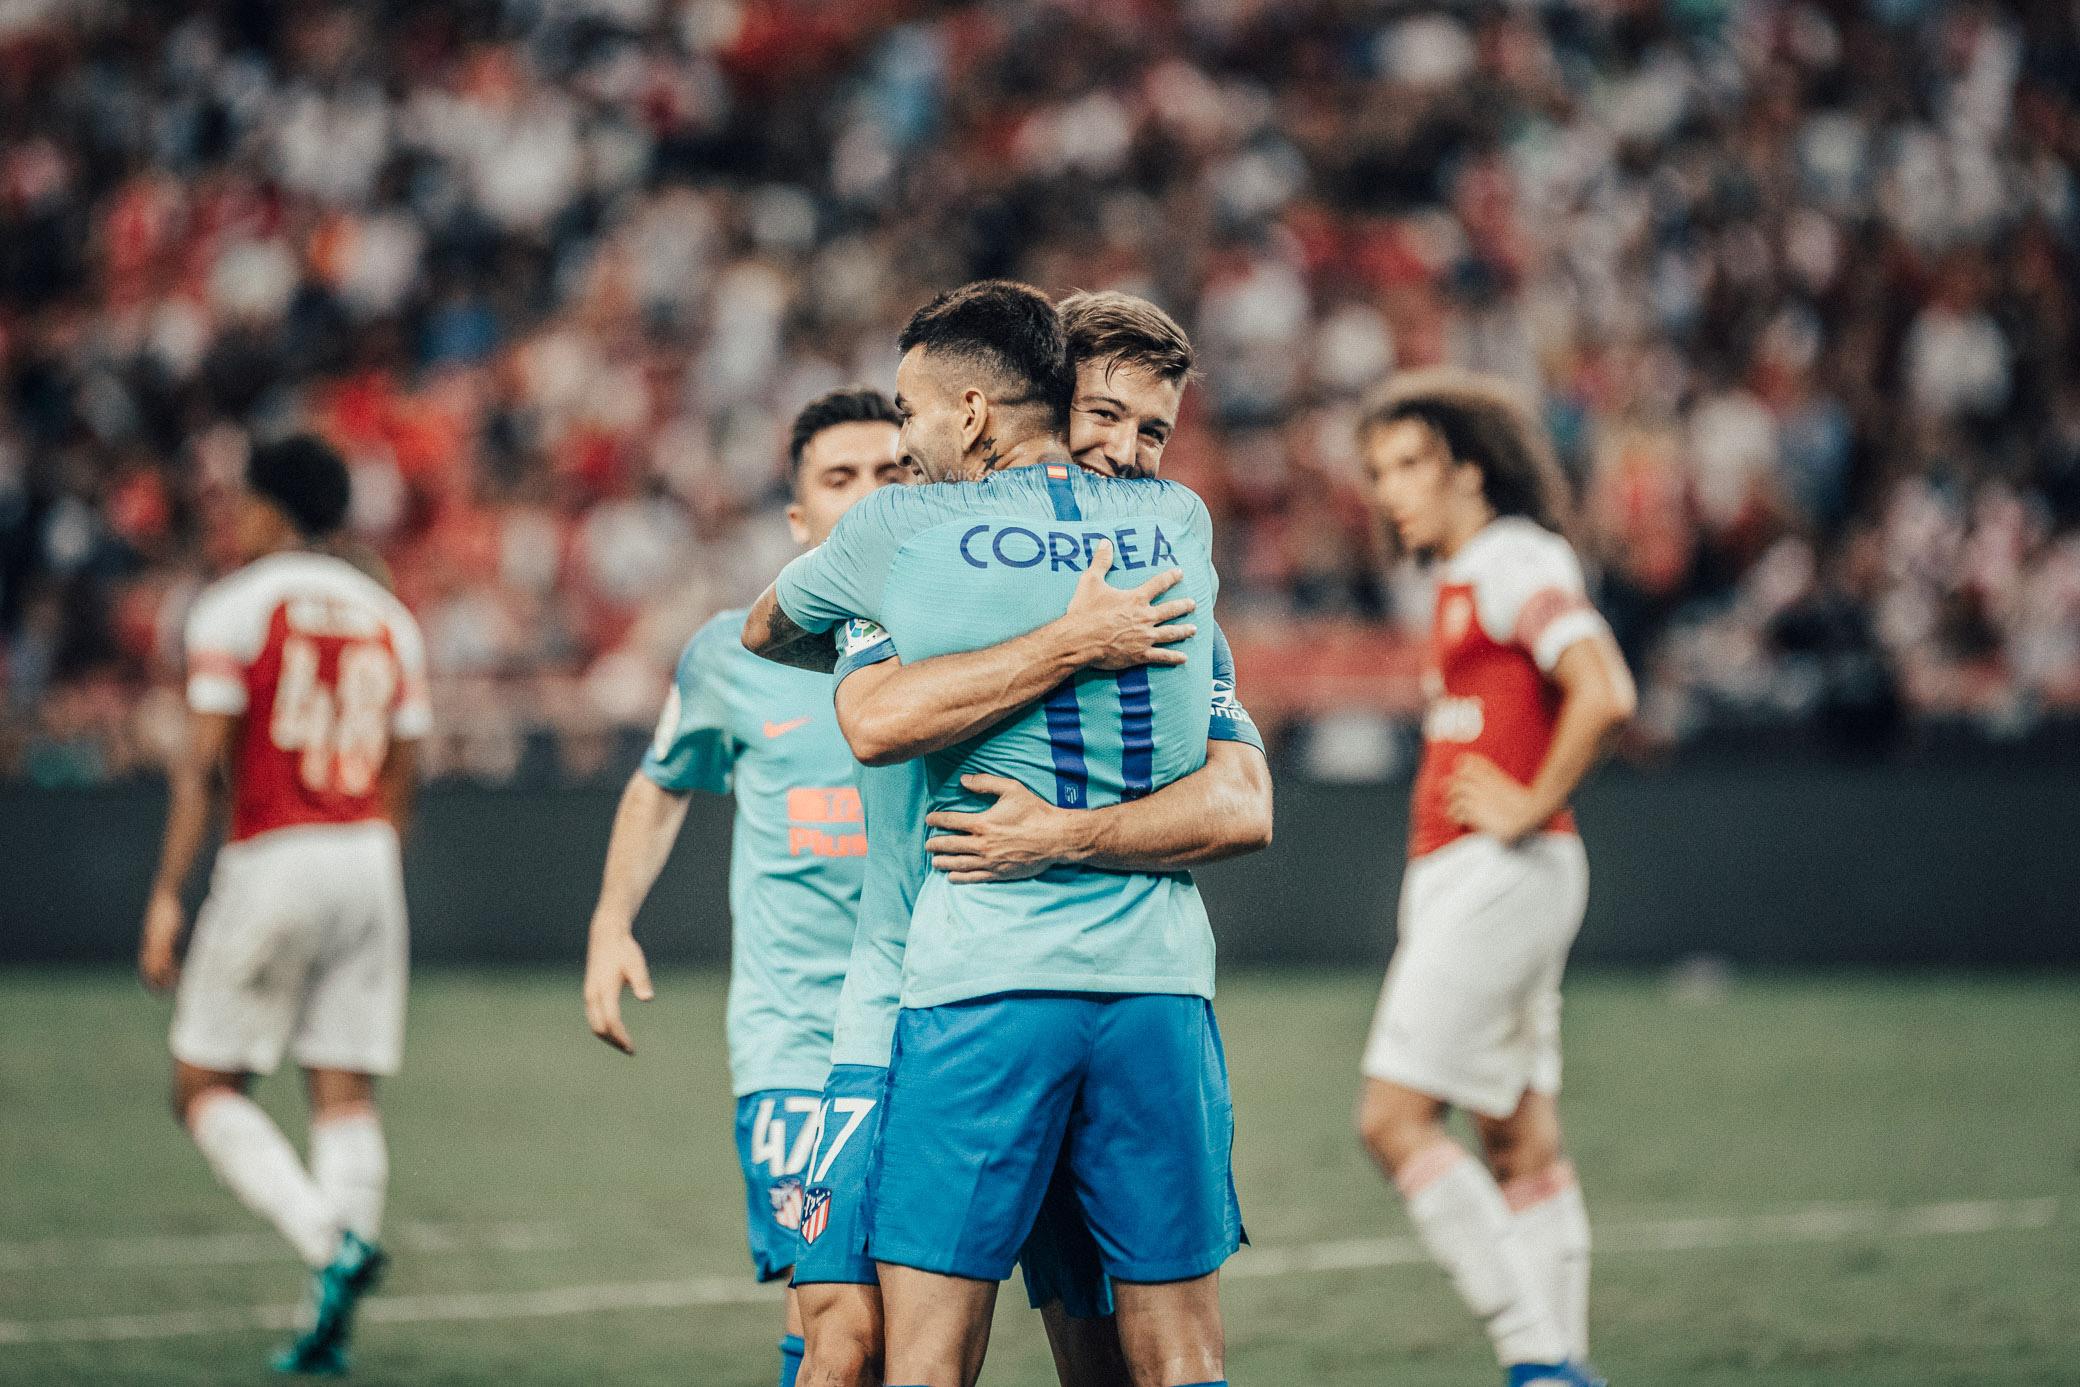 ICC 2018: ARSENAL VS ATLETICO (LUCIANO VIETTO)